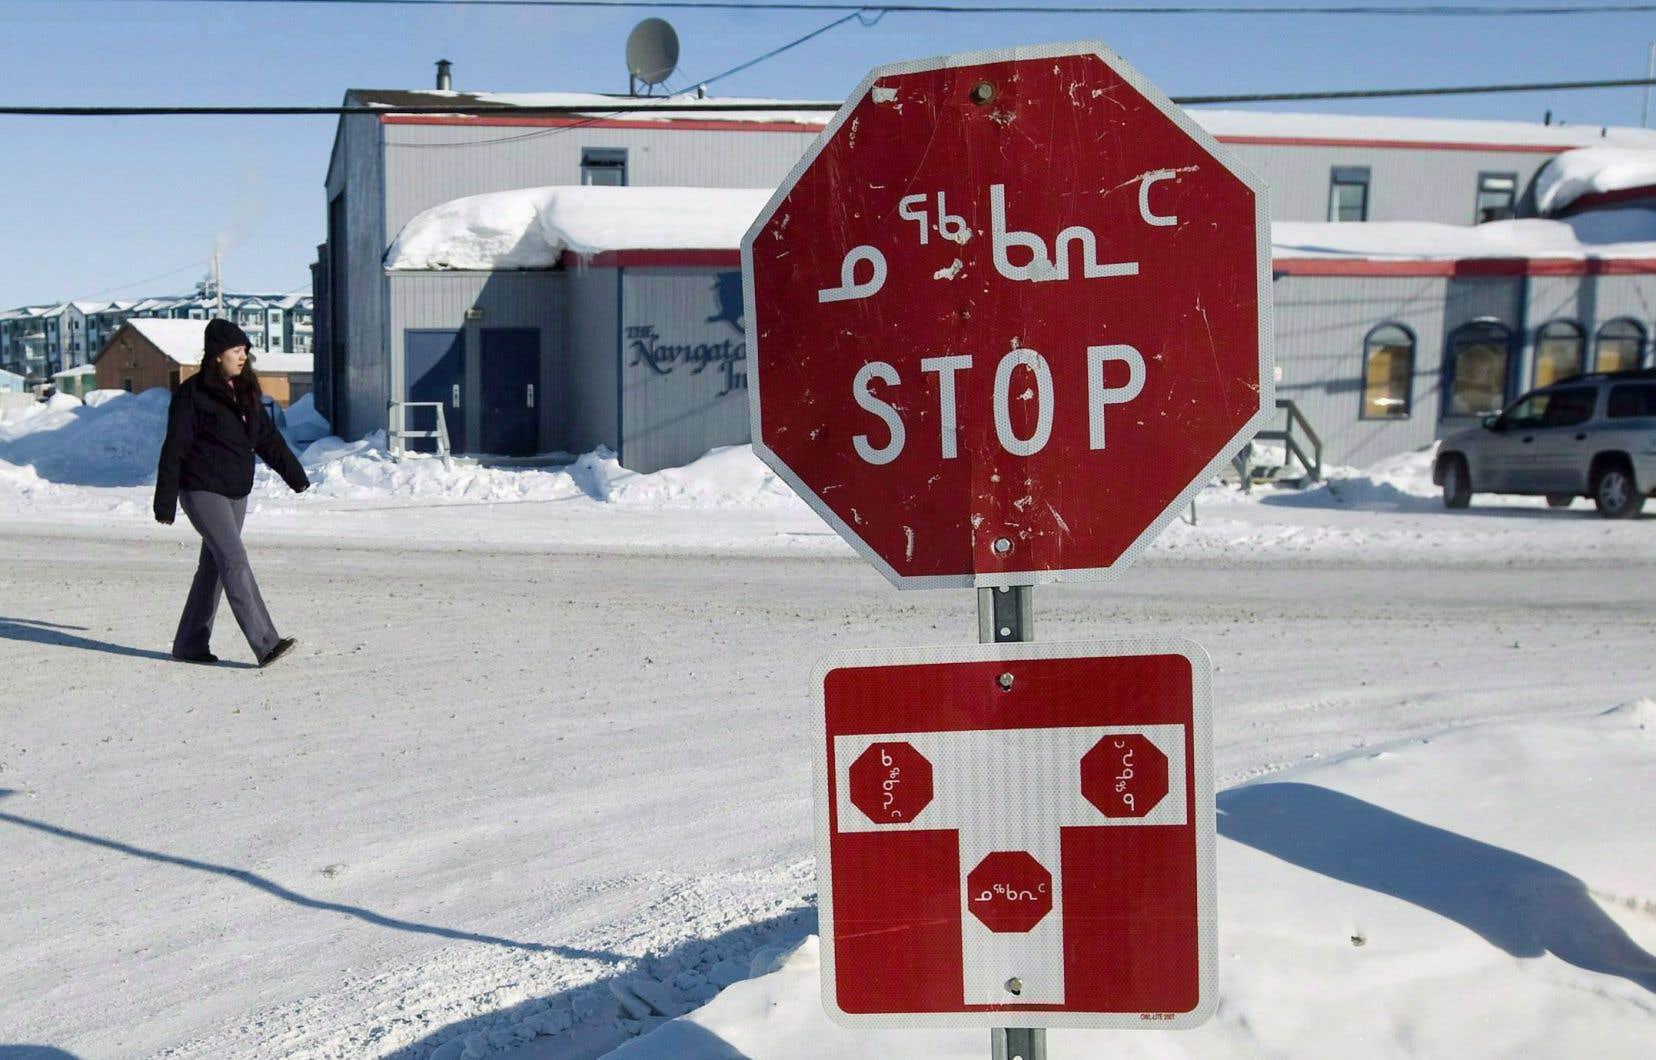 Des enfants inuits transférés du Nunavik vers des centres de la jeunesse et de la famille Batshaw du Centre intégré universitaire de santé et de services sociaux (CIUSSS) de l'Ouest-de-l'Île-de-Montréal n'ont pas accès aux services de travailleurs sociaux et se font interdire de parler en inuktitut.